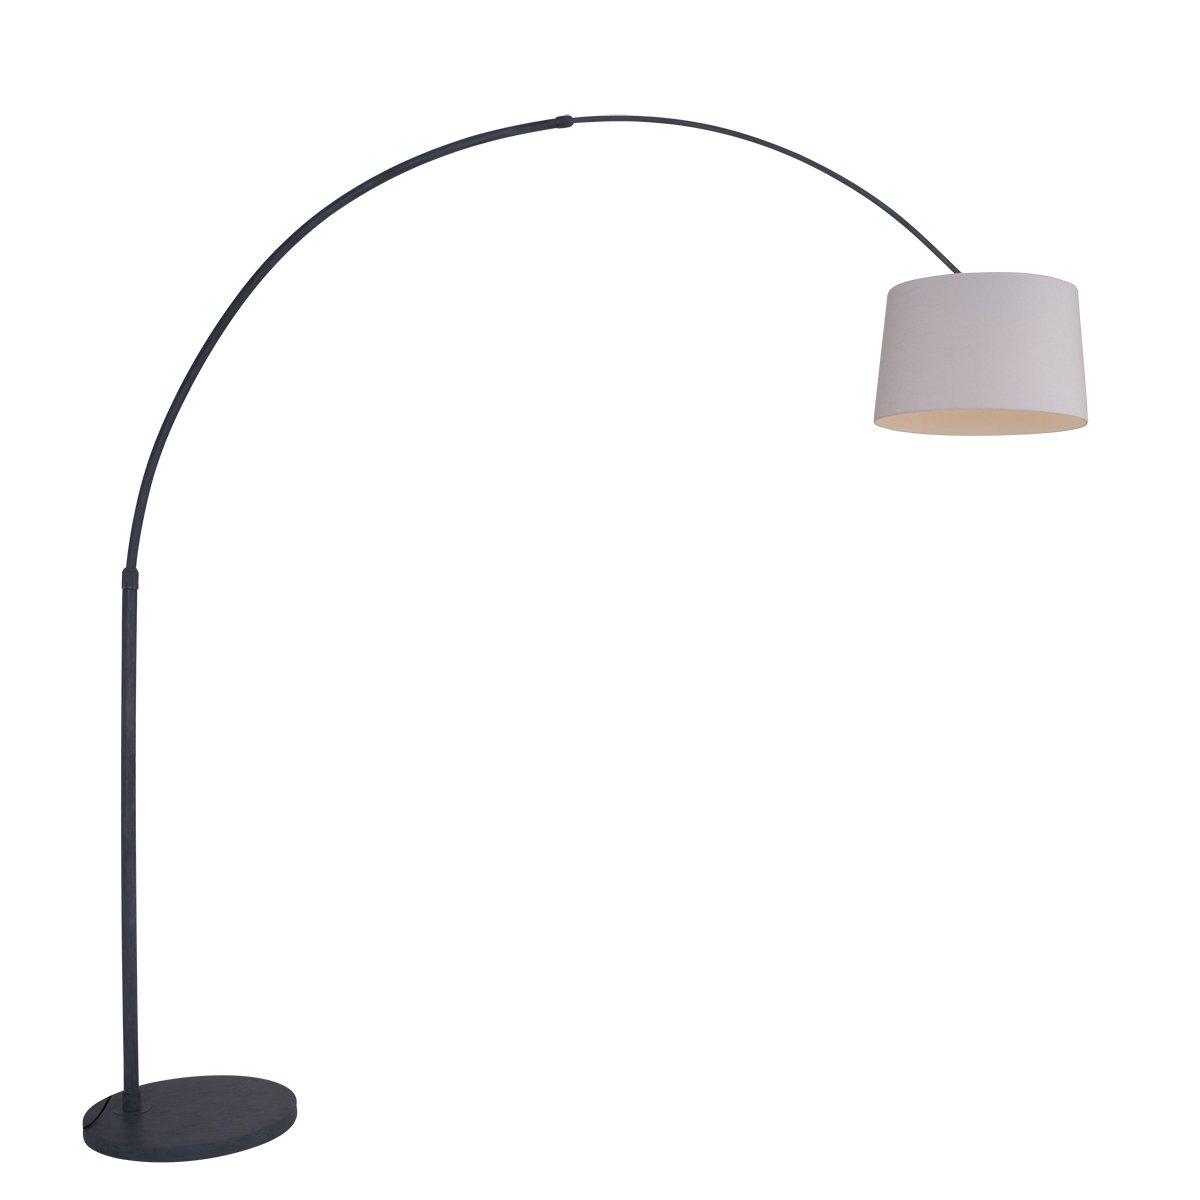 Steinhauer Vintage booglamp Gramineus 45 Steinhauer 9910GR